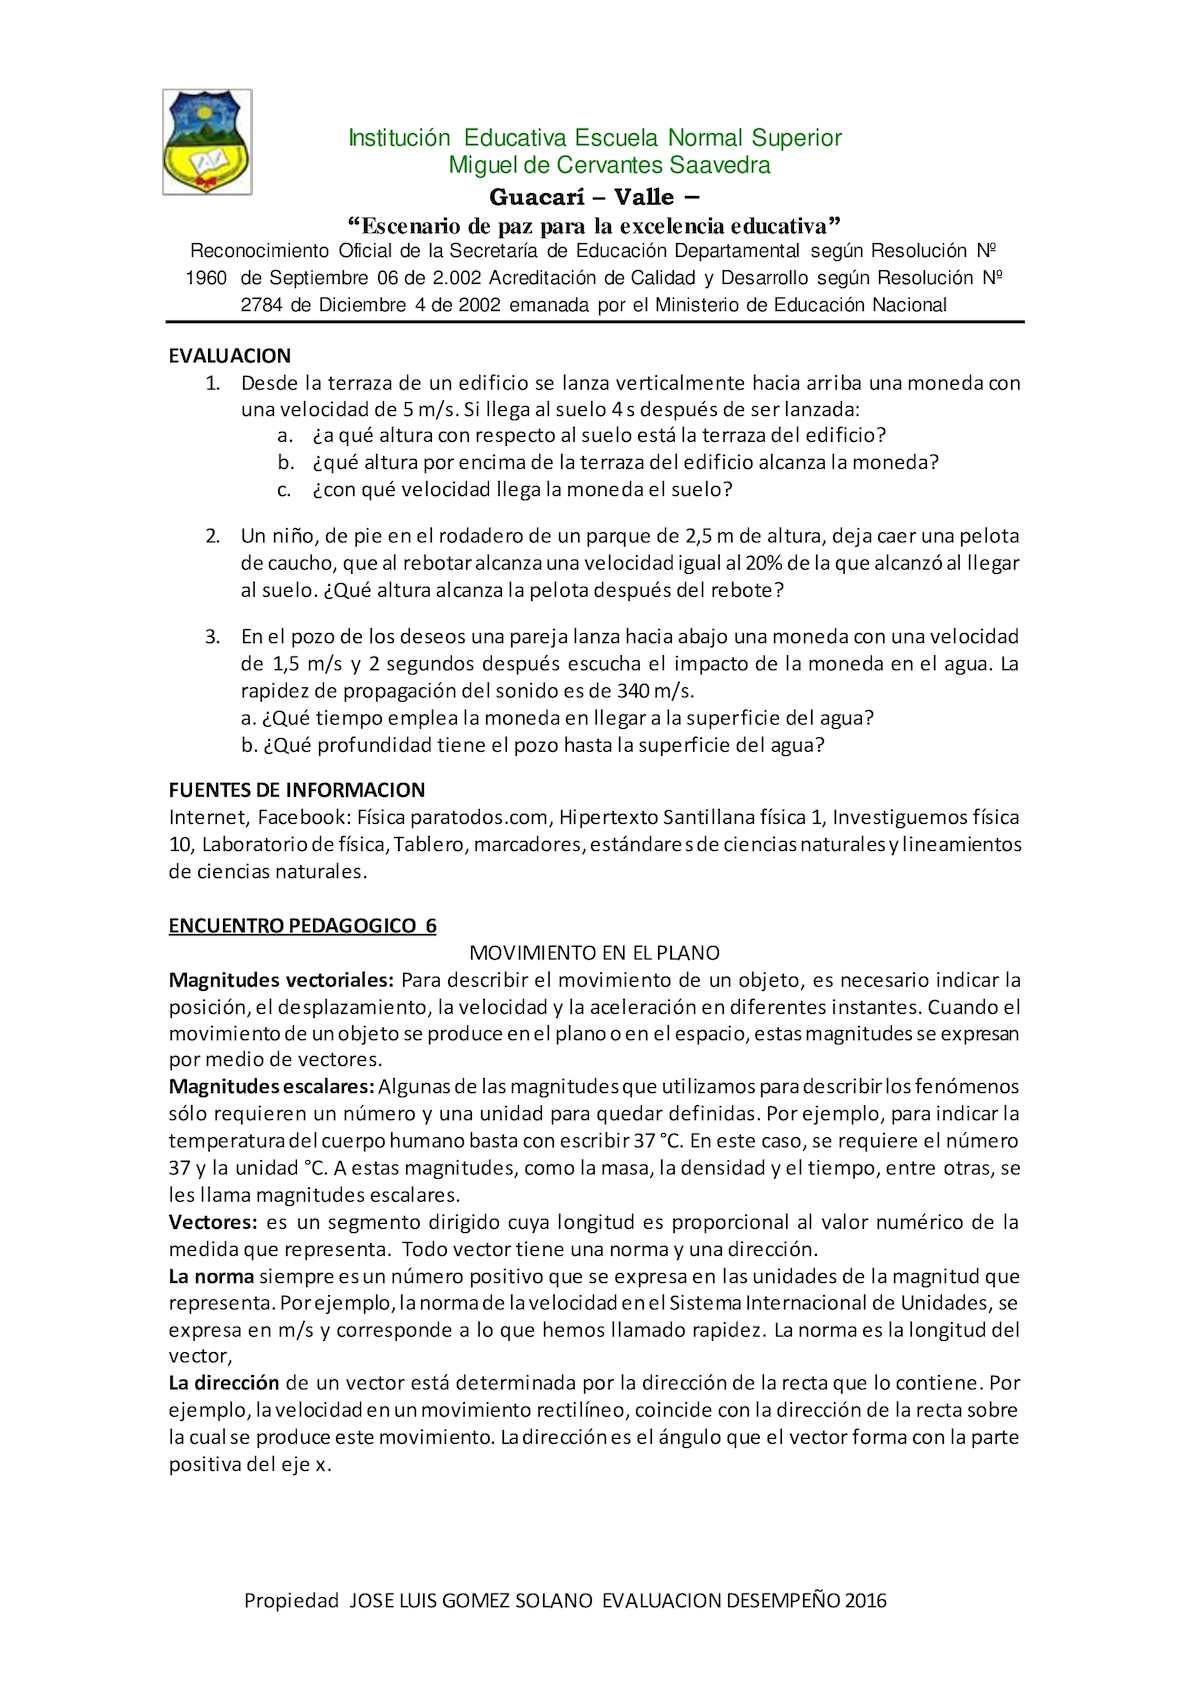 Guia Jose Luis Fisica 10 Calameo Downloader